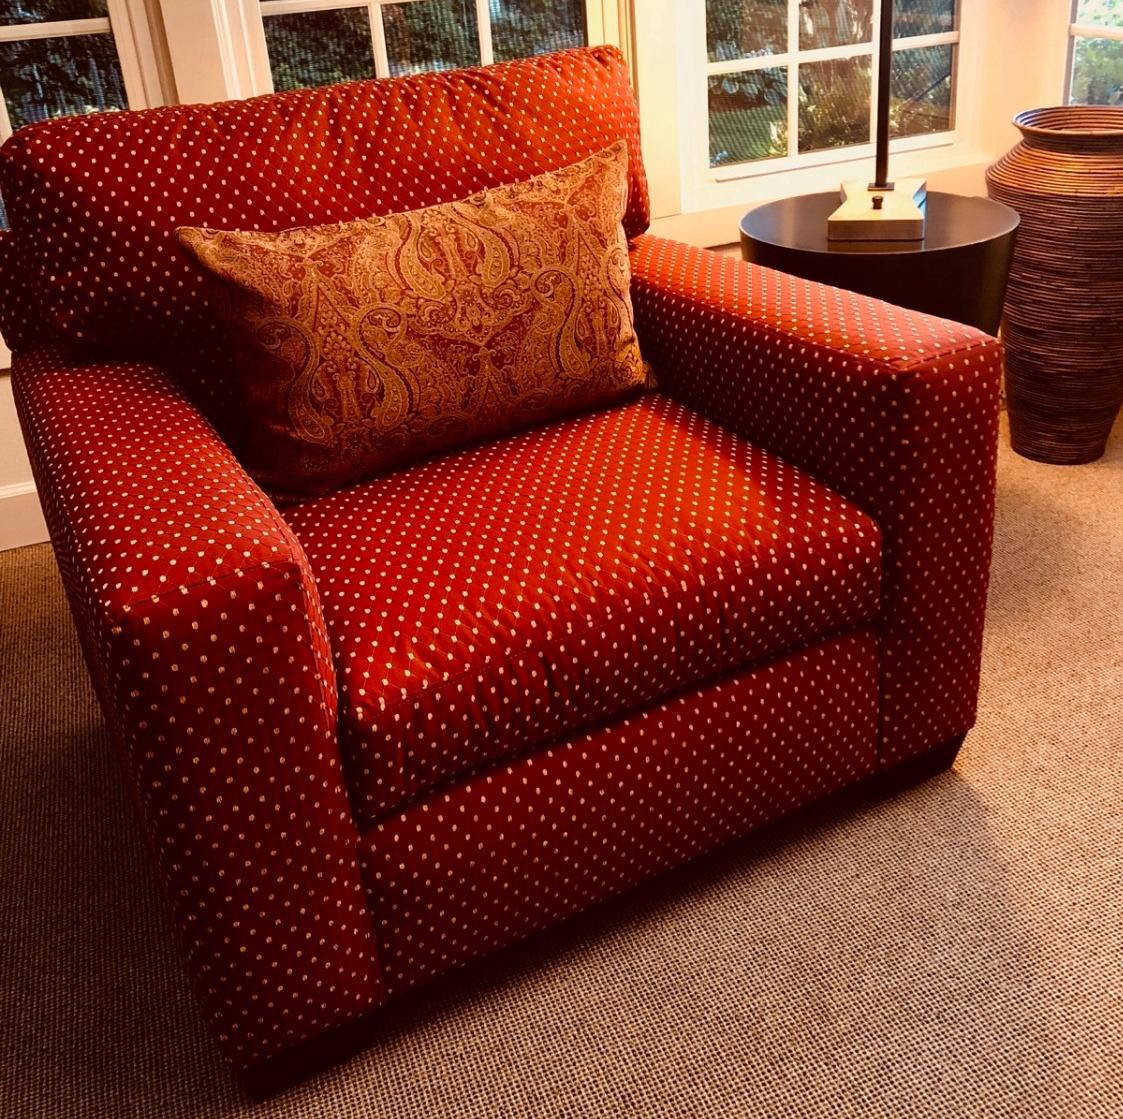 R B Custom Upholstery